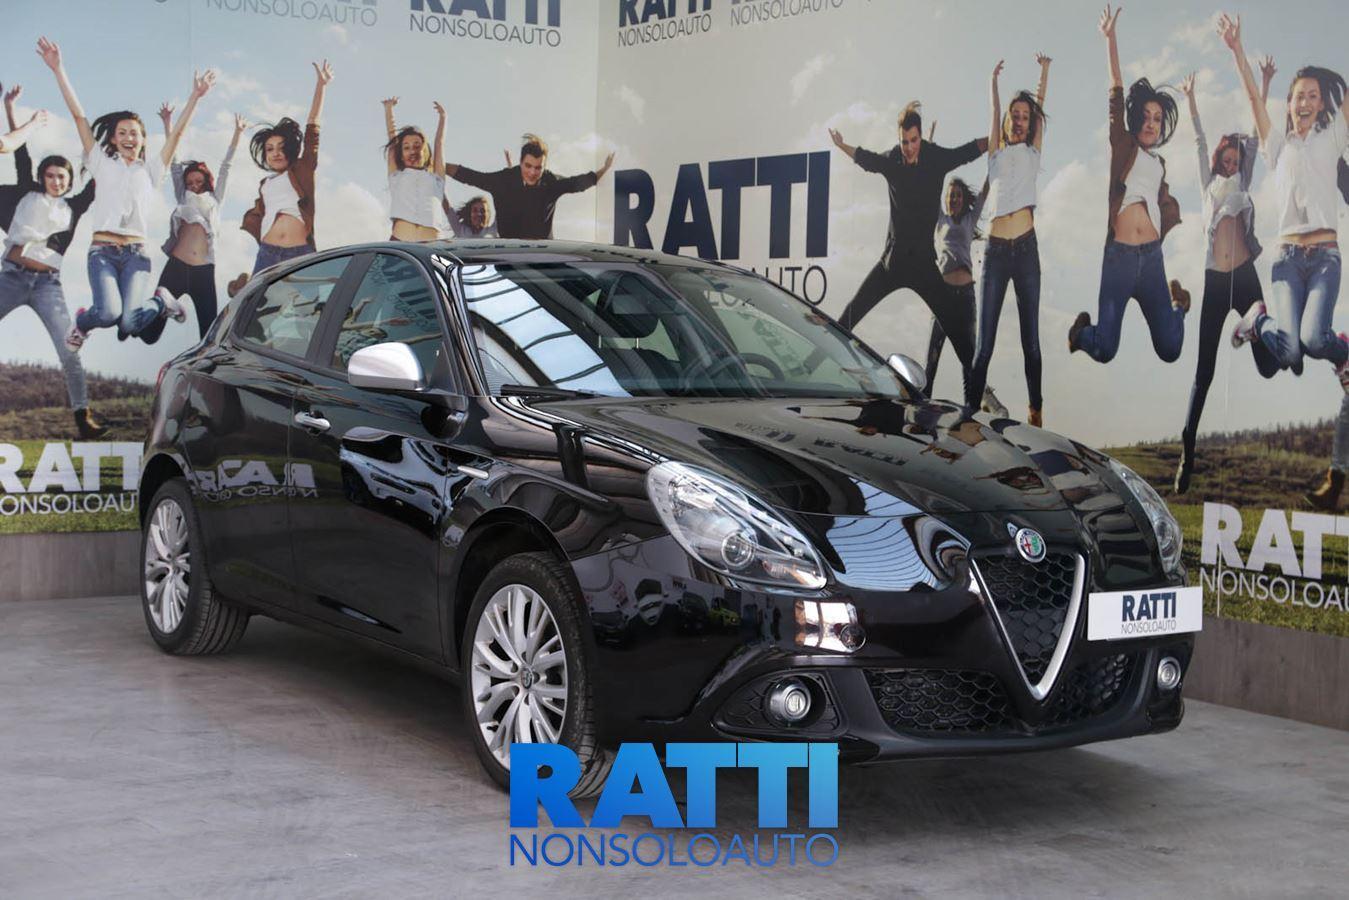 ALFA ROMEO Giulietta 1.6 JTDm 120CV